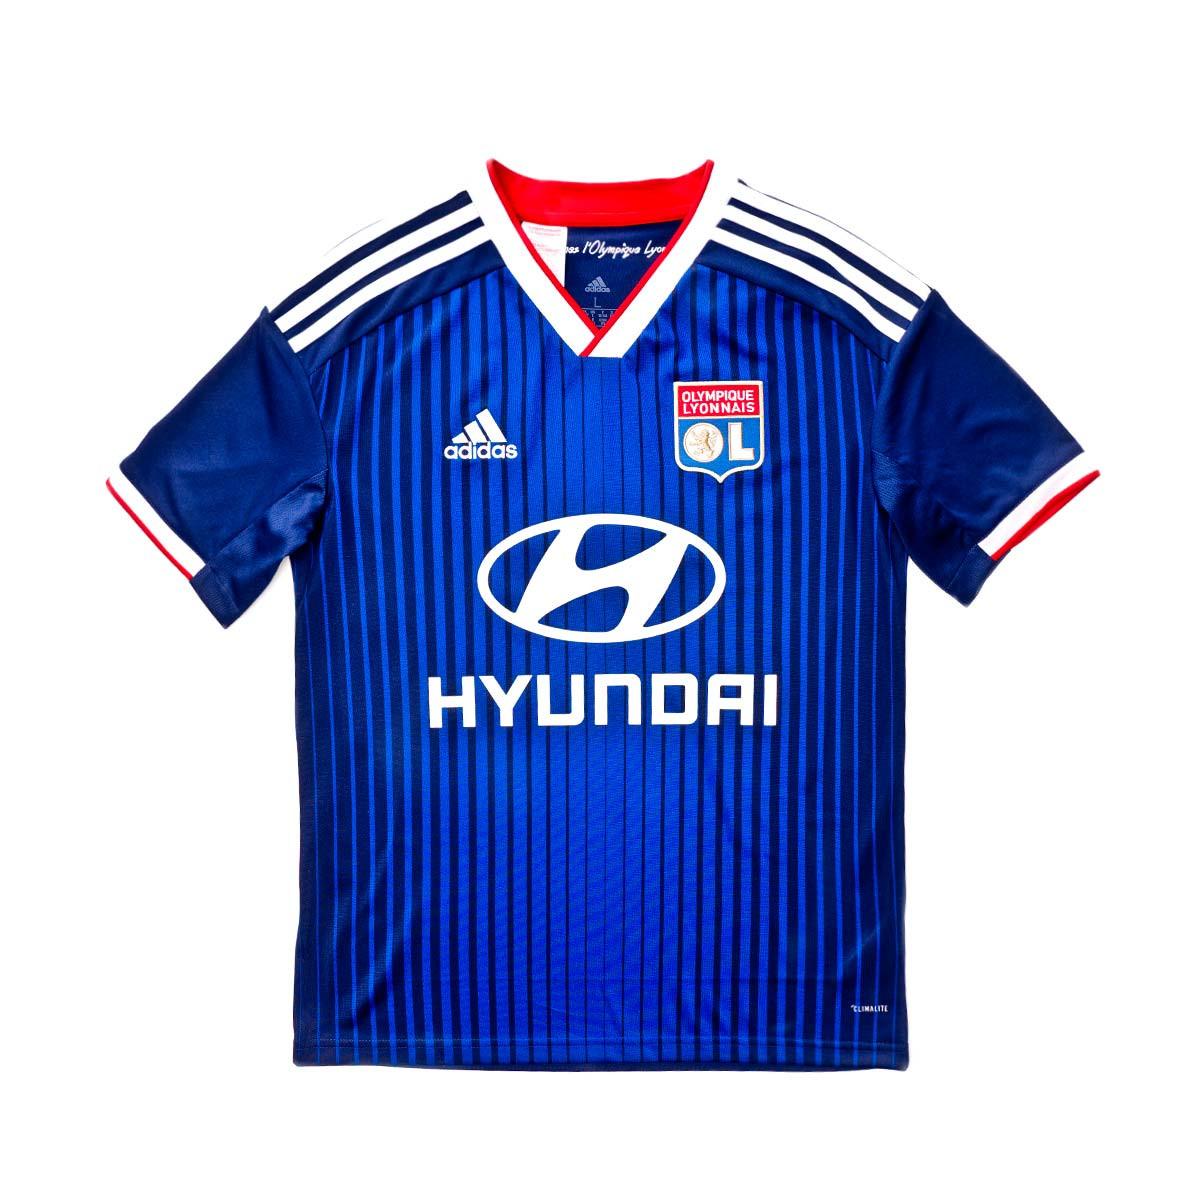 Comprar Camiseta Manchester United 2019 2020 Baratas Thai ...